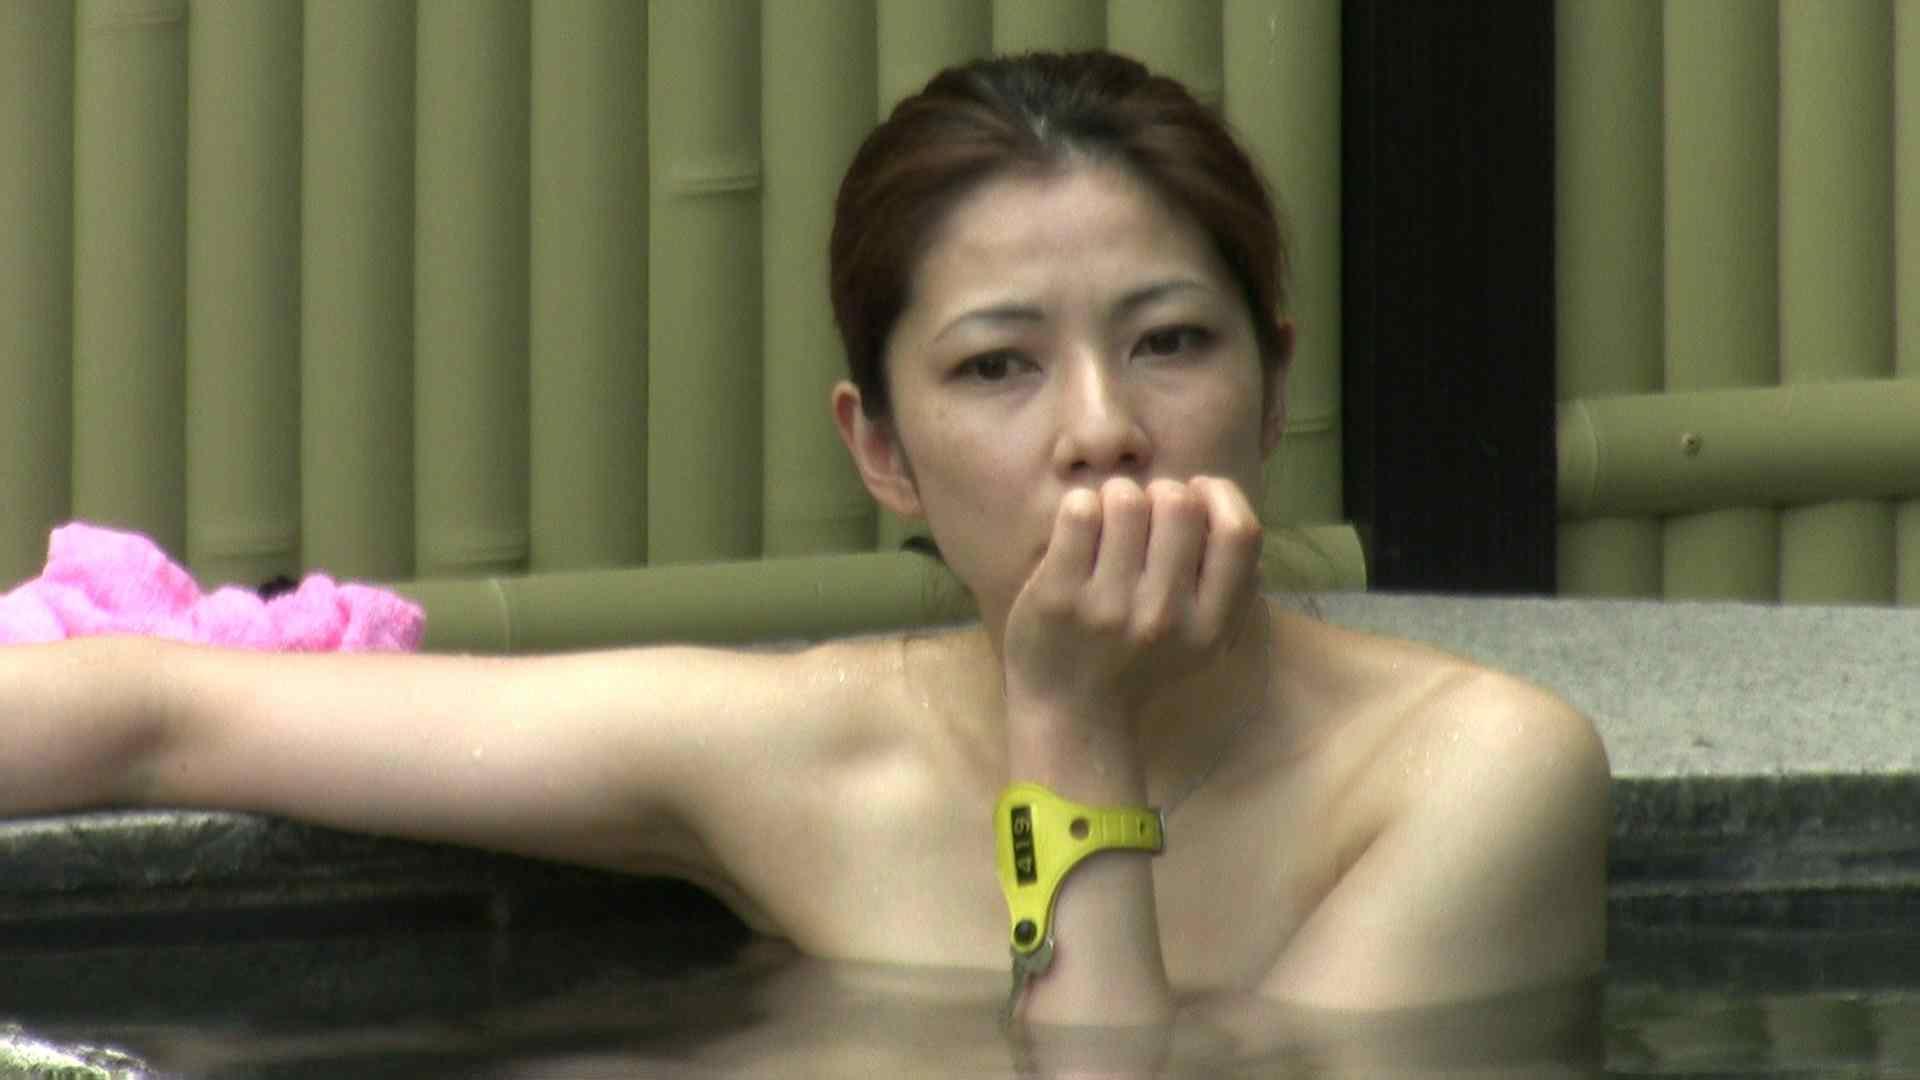 Aquaな露天風呂Vol.660 露天 | 盗撮  102pic 55